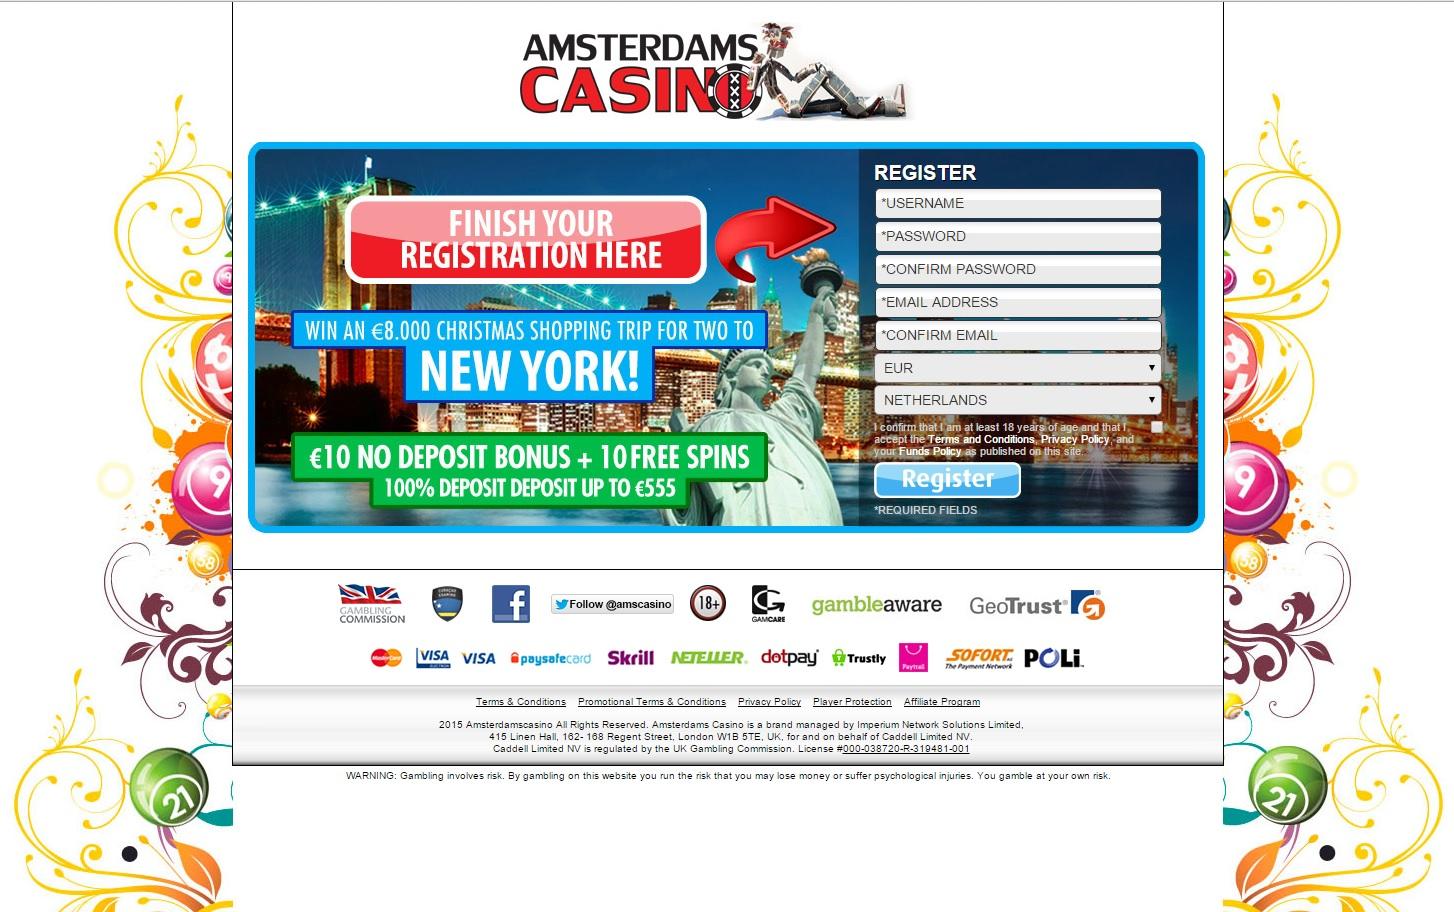 online casino free spins ohne einzahlung bookofra.de